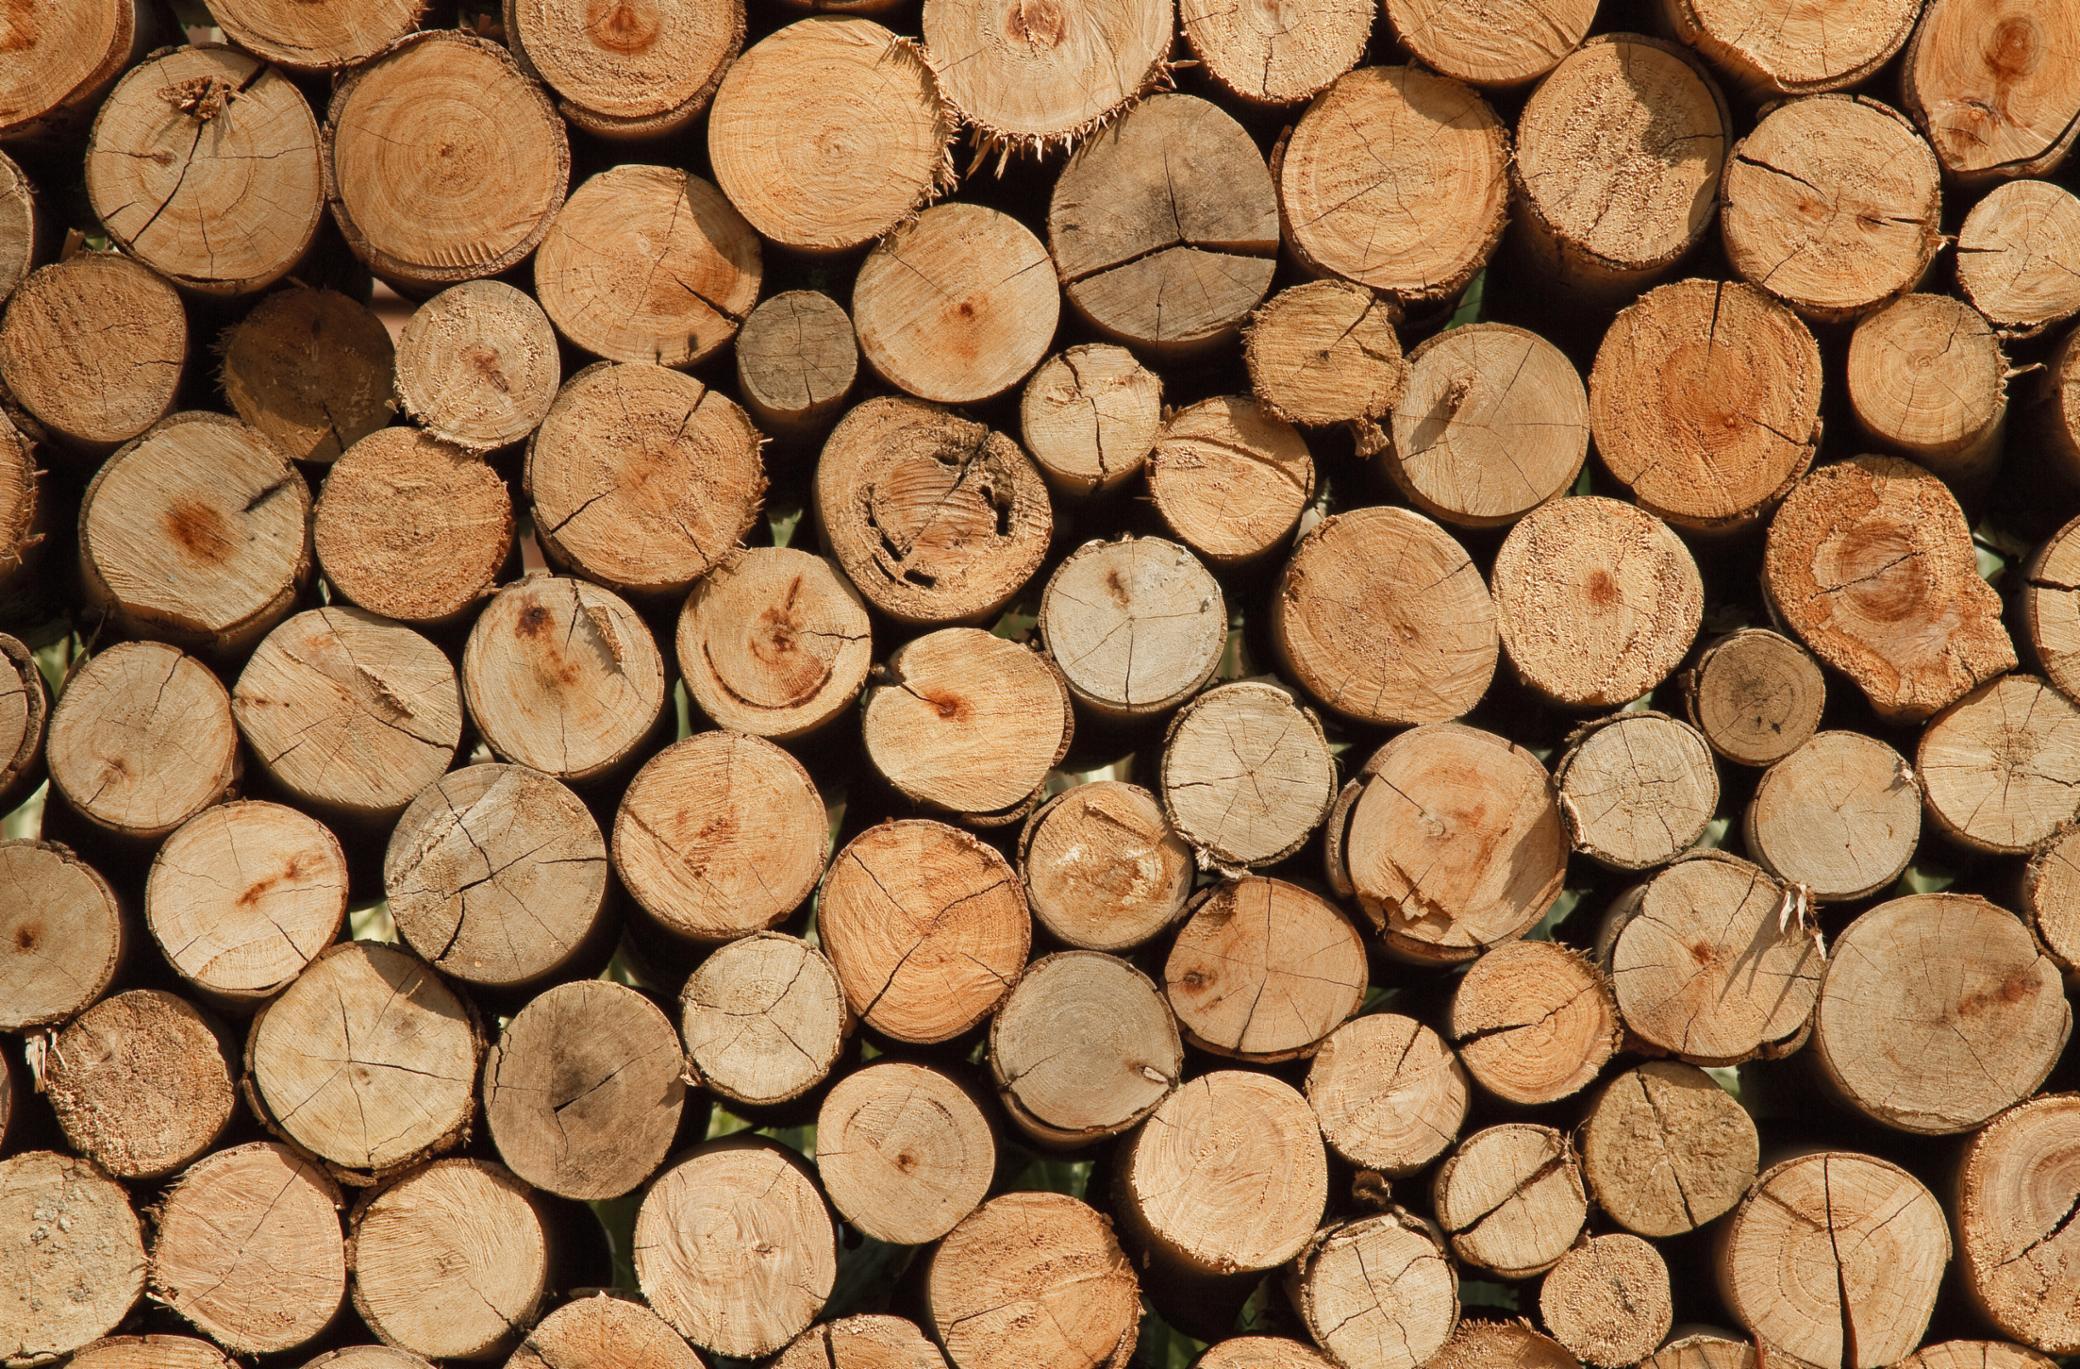 Bois du coin.com L'Etang La Ville founisseur de bois Founisseur De Bois founisseur de bois